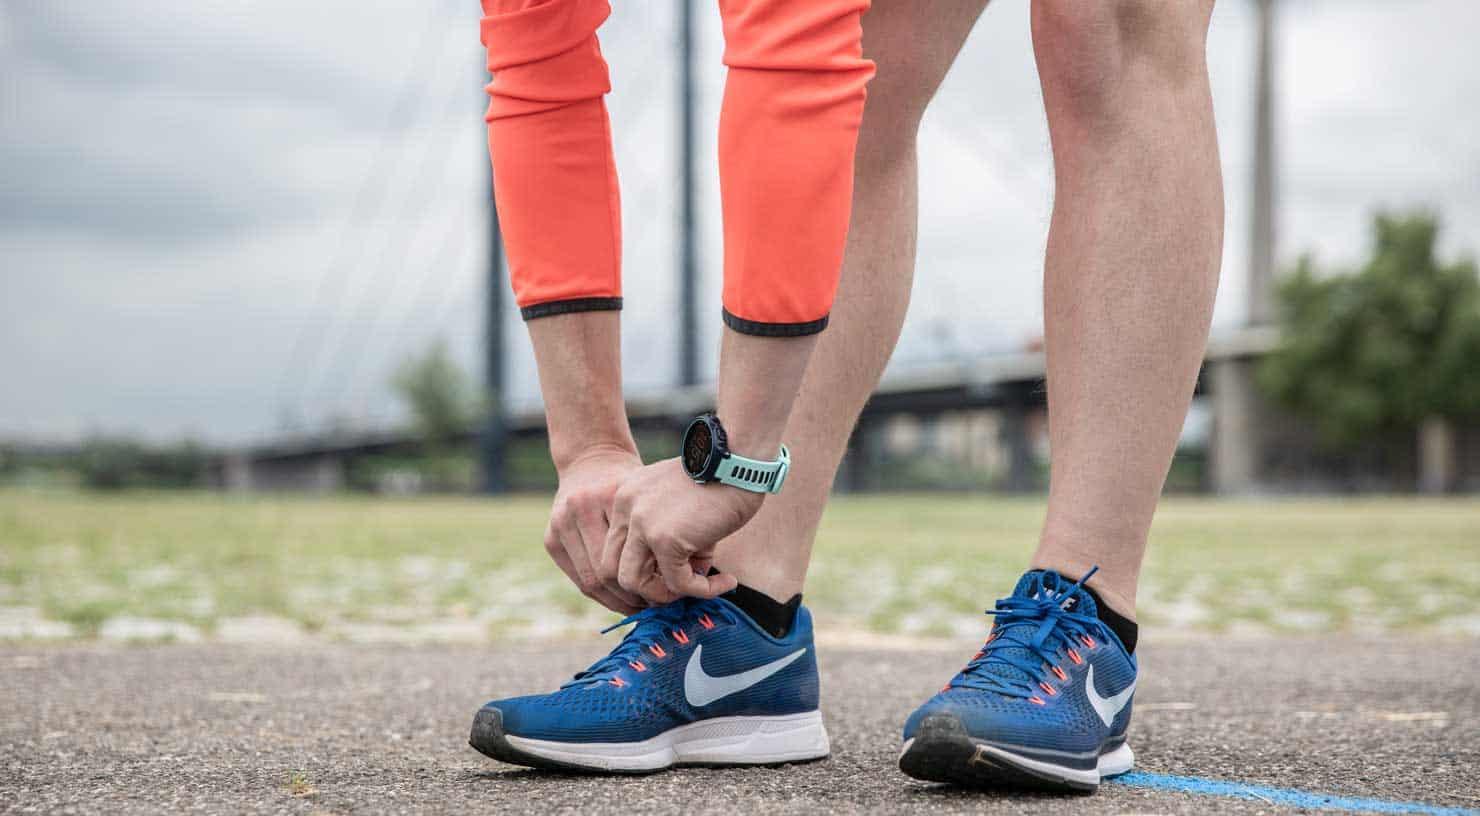 Wie du deine Ziele beim Laufen erreichst